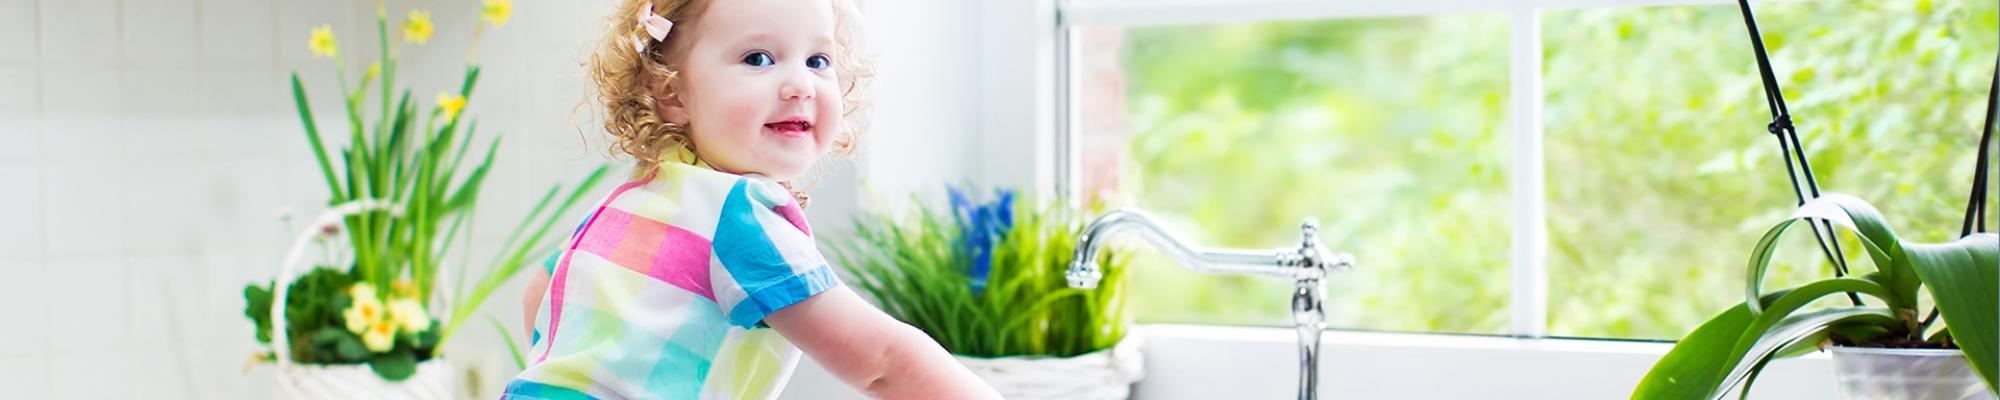 чистые, безопасные, экологичные моющие средства для вашего дома